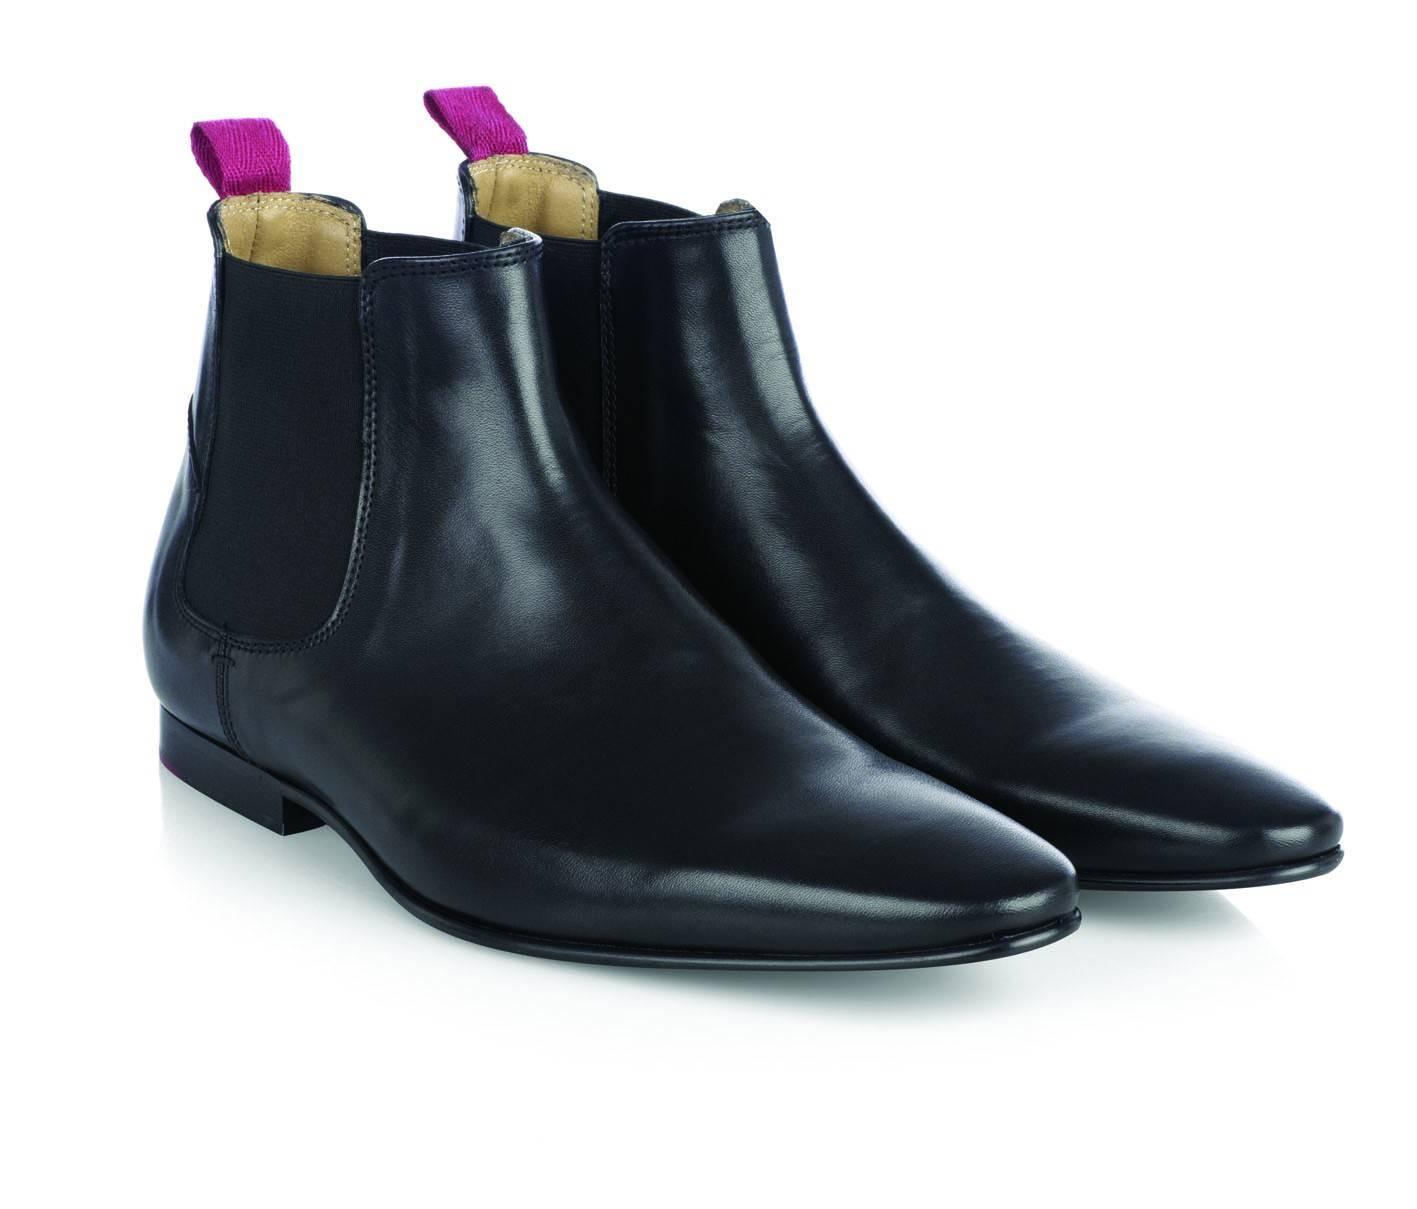 Обувь Челси Kensington